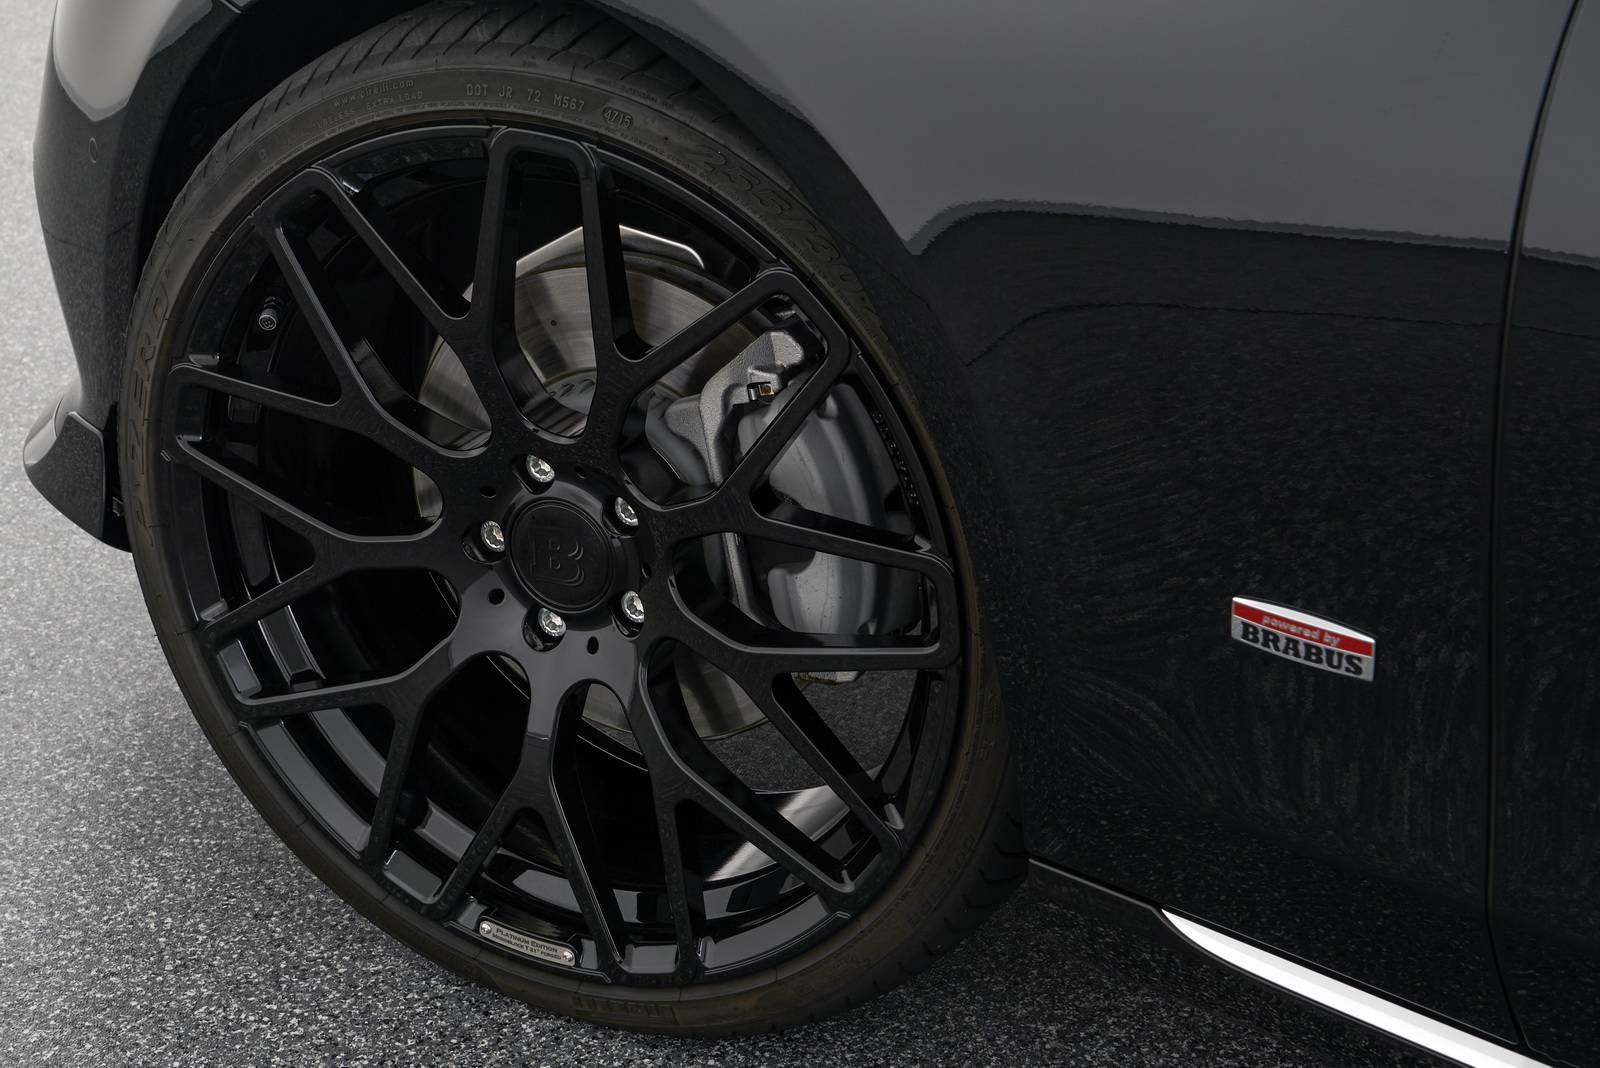 Brabus предлагает своим клиентам широкий ассортимент продукции для персонализации универсала E-Class.